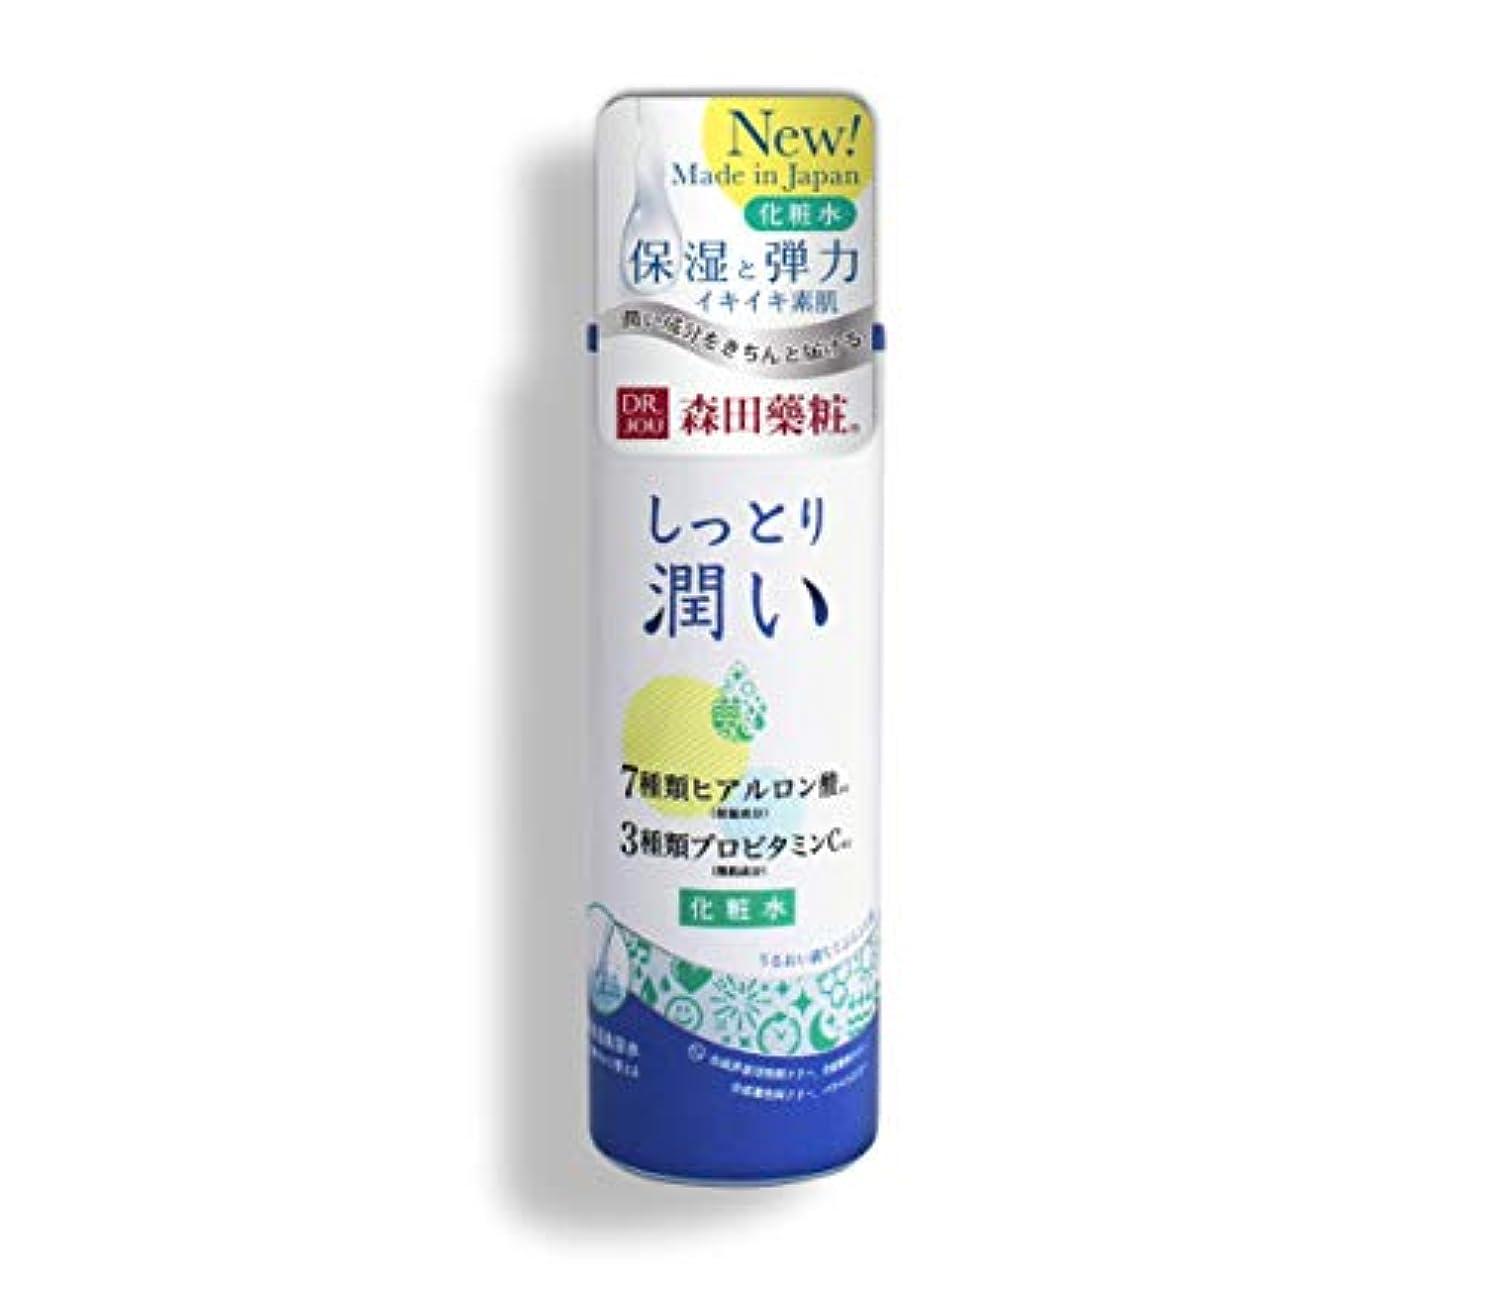 テンポリフレッシュバッジ【森田薬粧】DR.JOU しっとり 潤い 化粧水 (170ml)